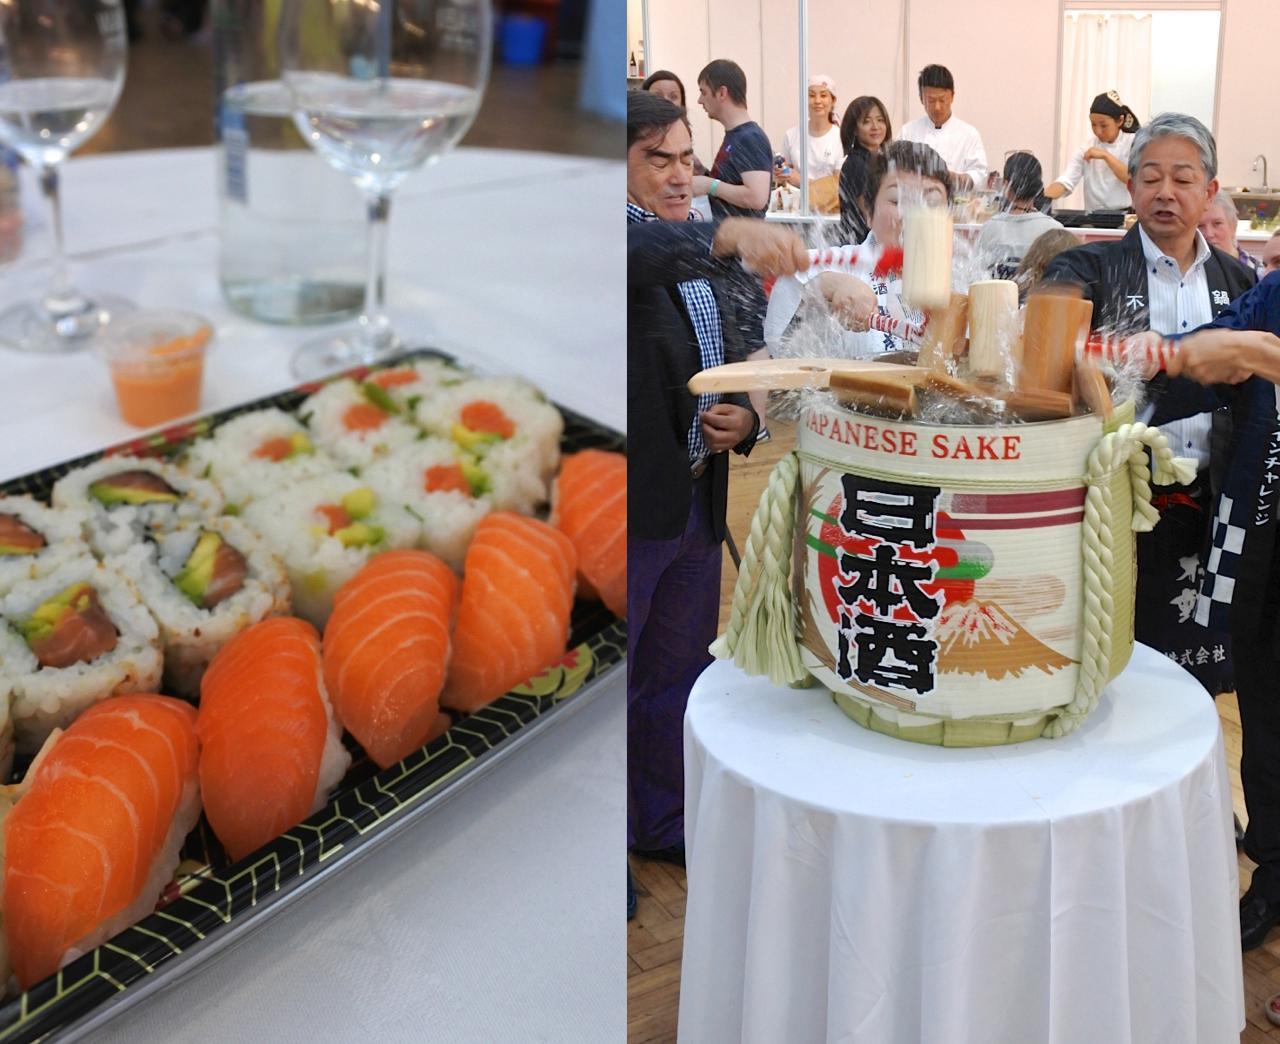 樽酒の鏡開き!(右)をこんなところで見られるとは ^^   寿司はZingっていうケータリング会社のものが絶品だったそうですが、私たちは別の会社のものを・・・